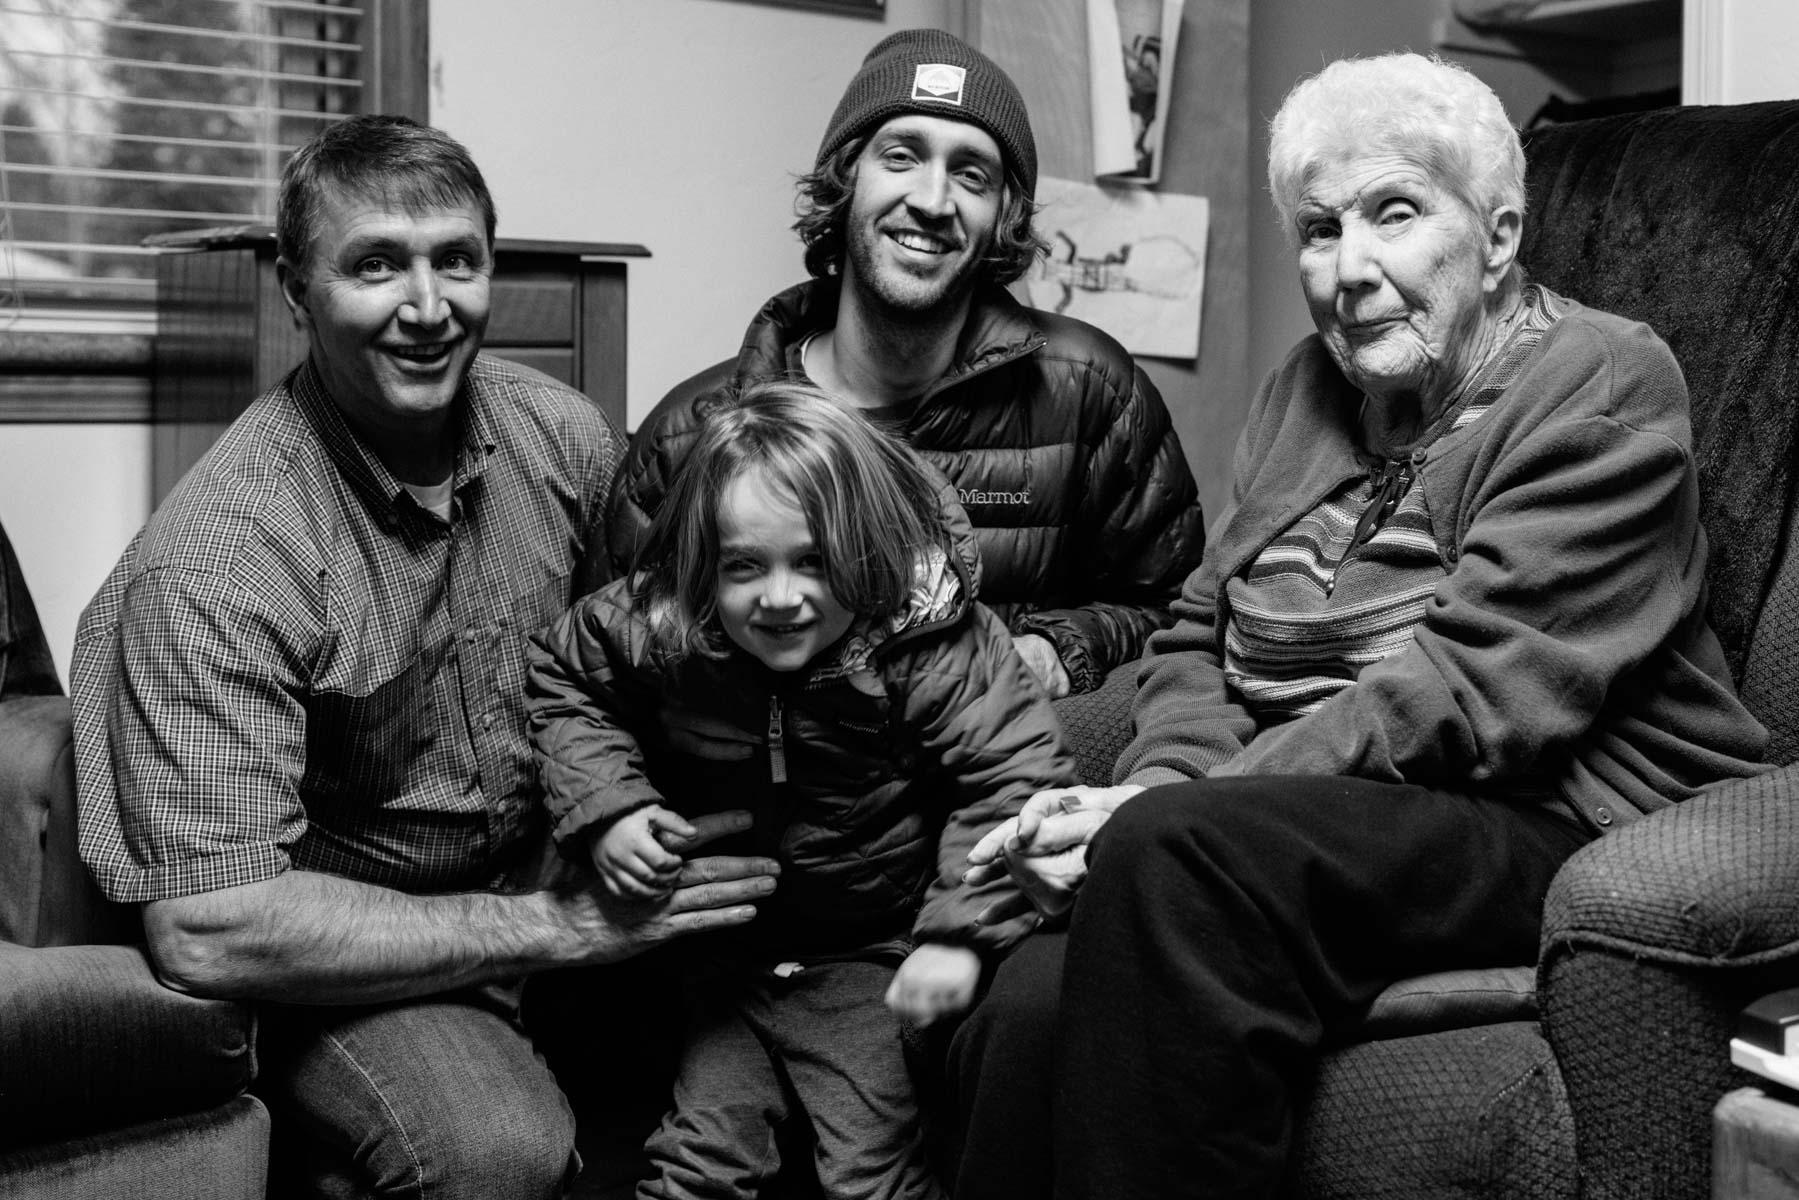 kyson-dana-great-great-grandma-8.jpg